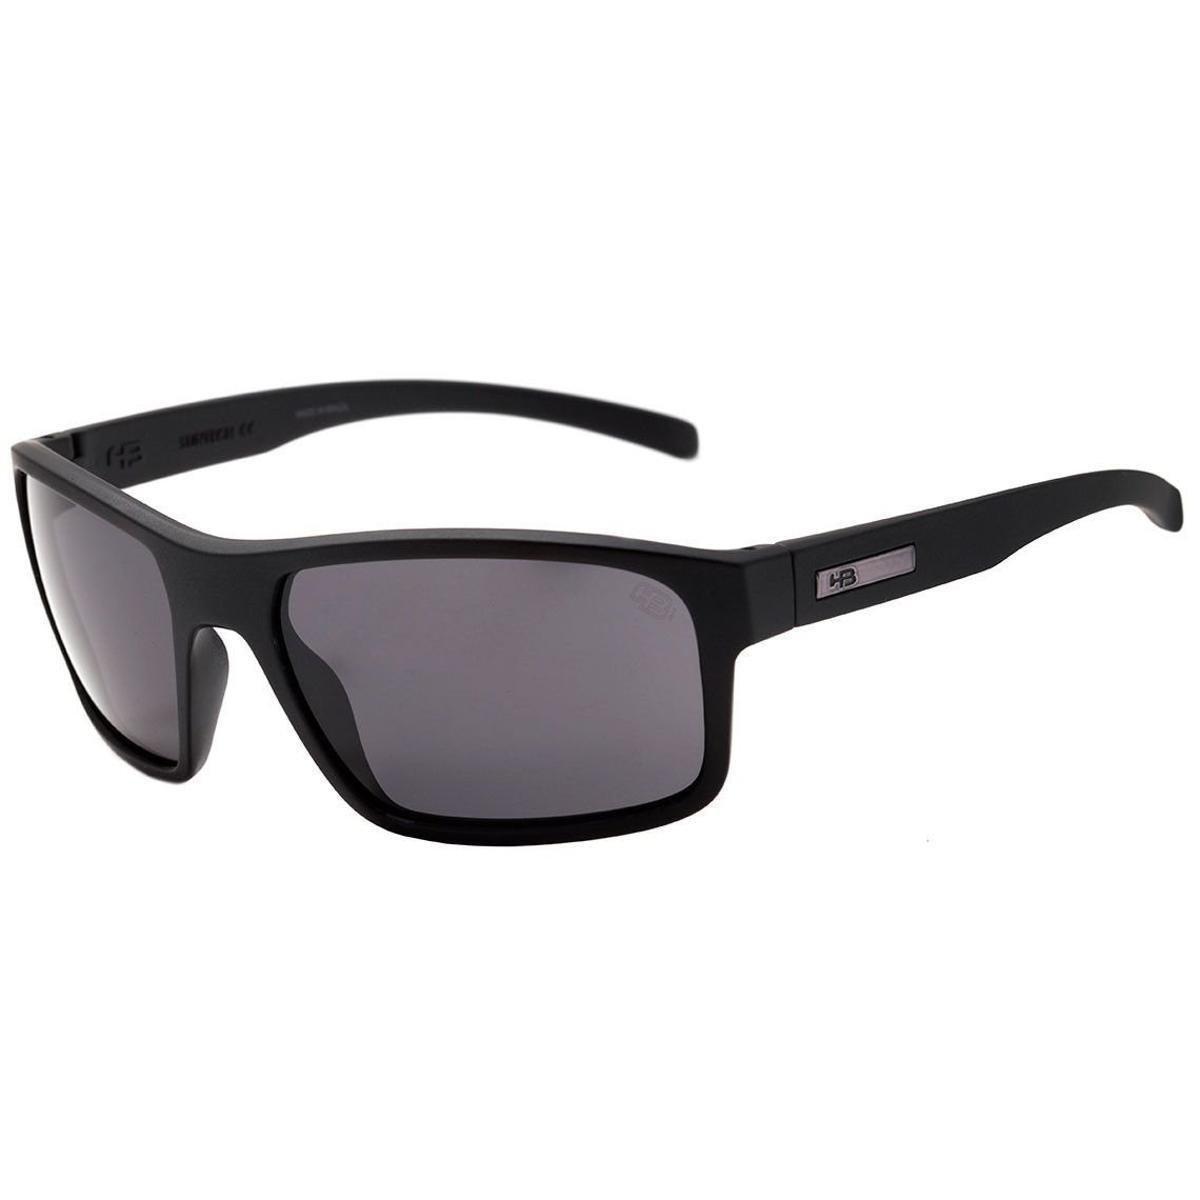 a754d121514fc Óculos de Sol HB OverKill - Preto e Cinza - Compre Agora   Netshoes